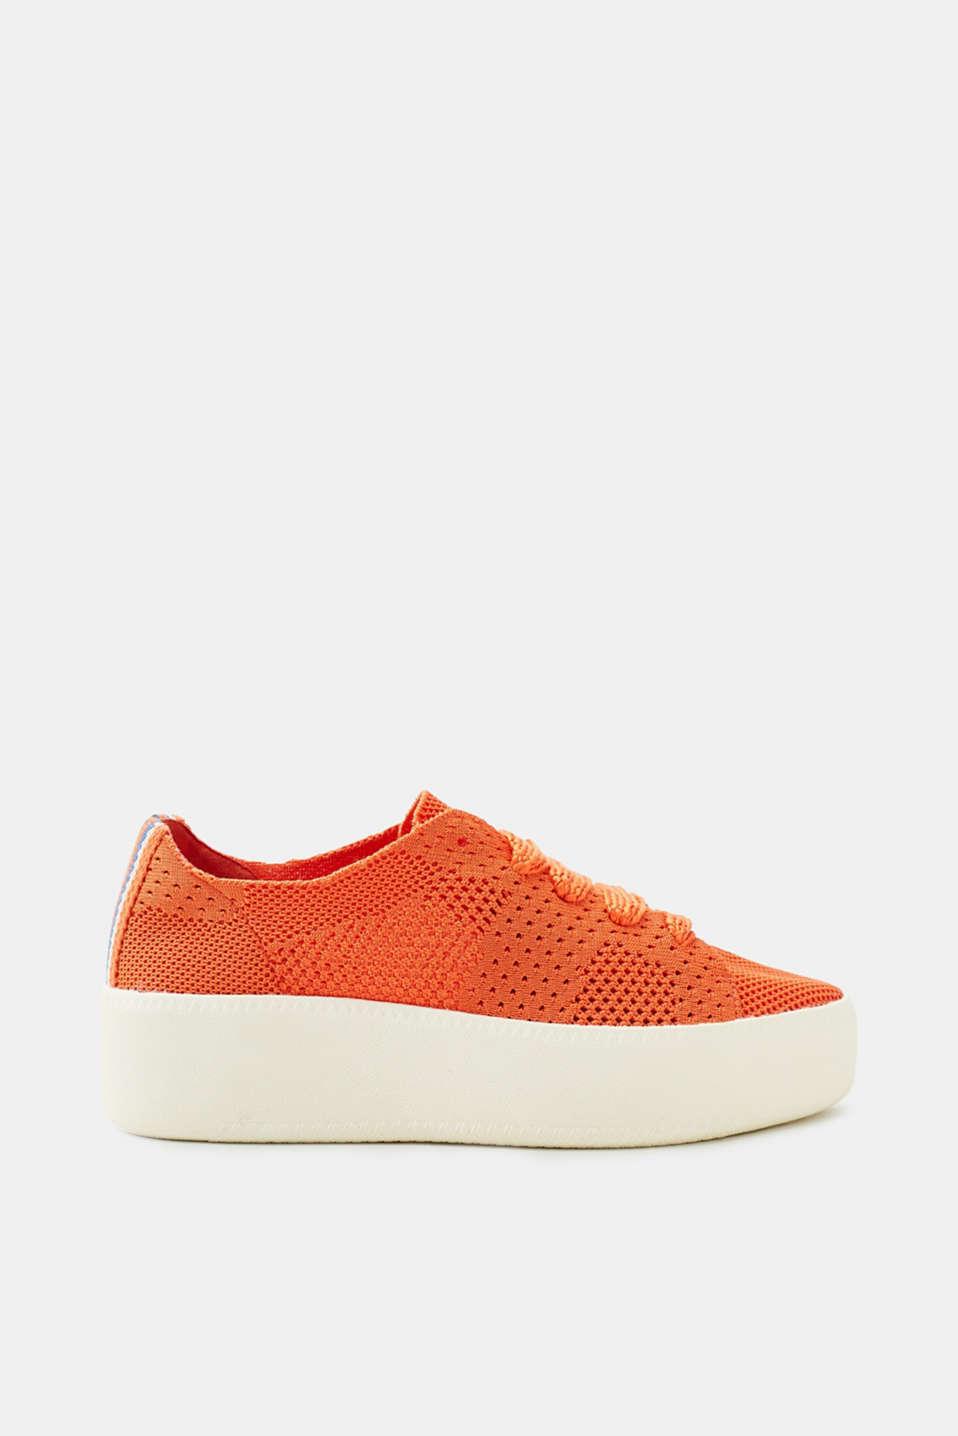 Esprit Strick-Sneaker mit Plateausohle für Damen, Größe 41, Orange